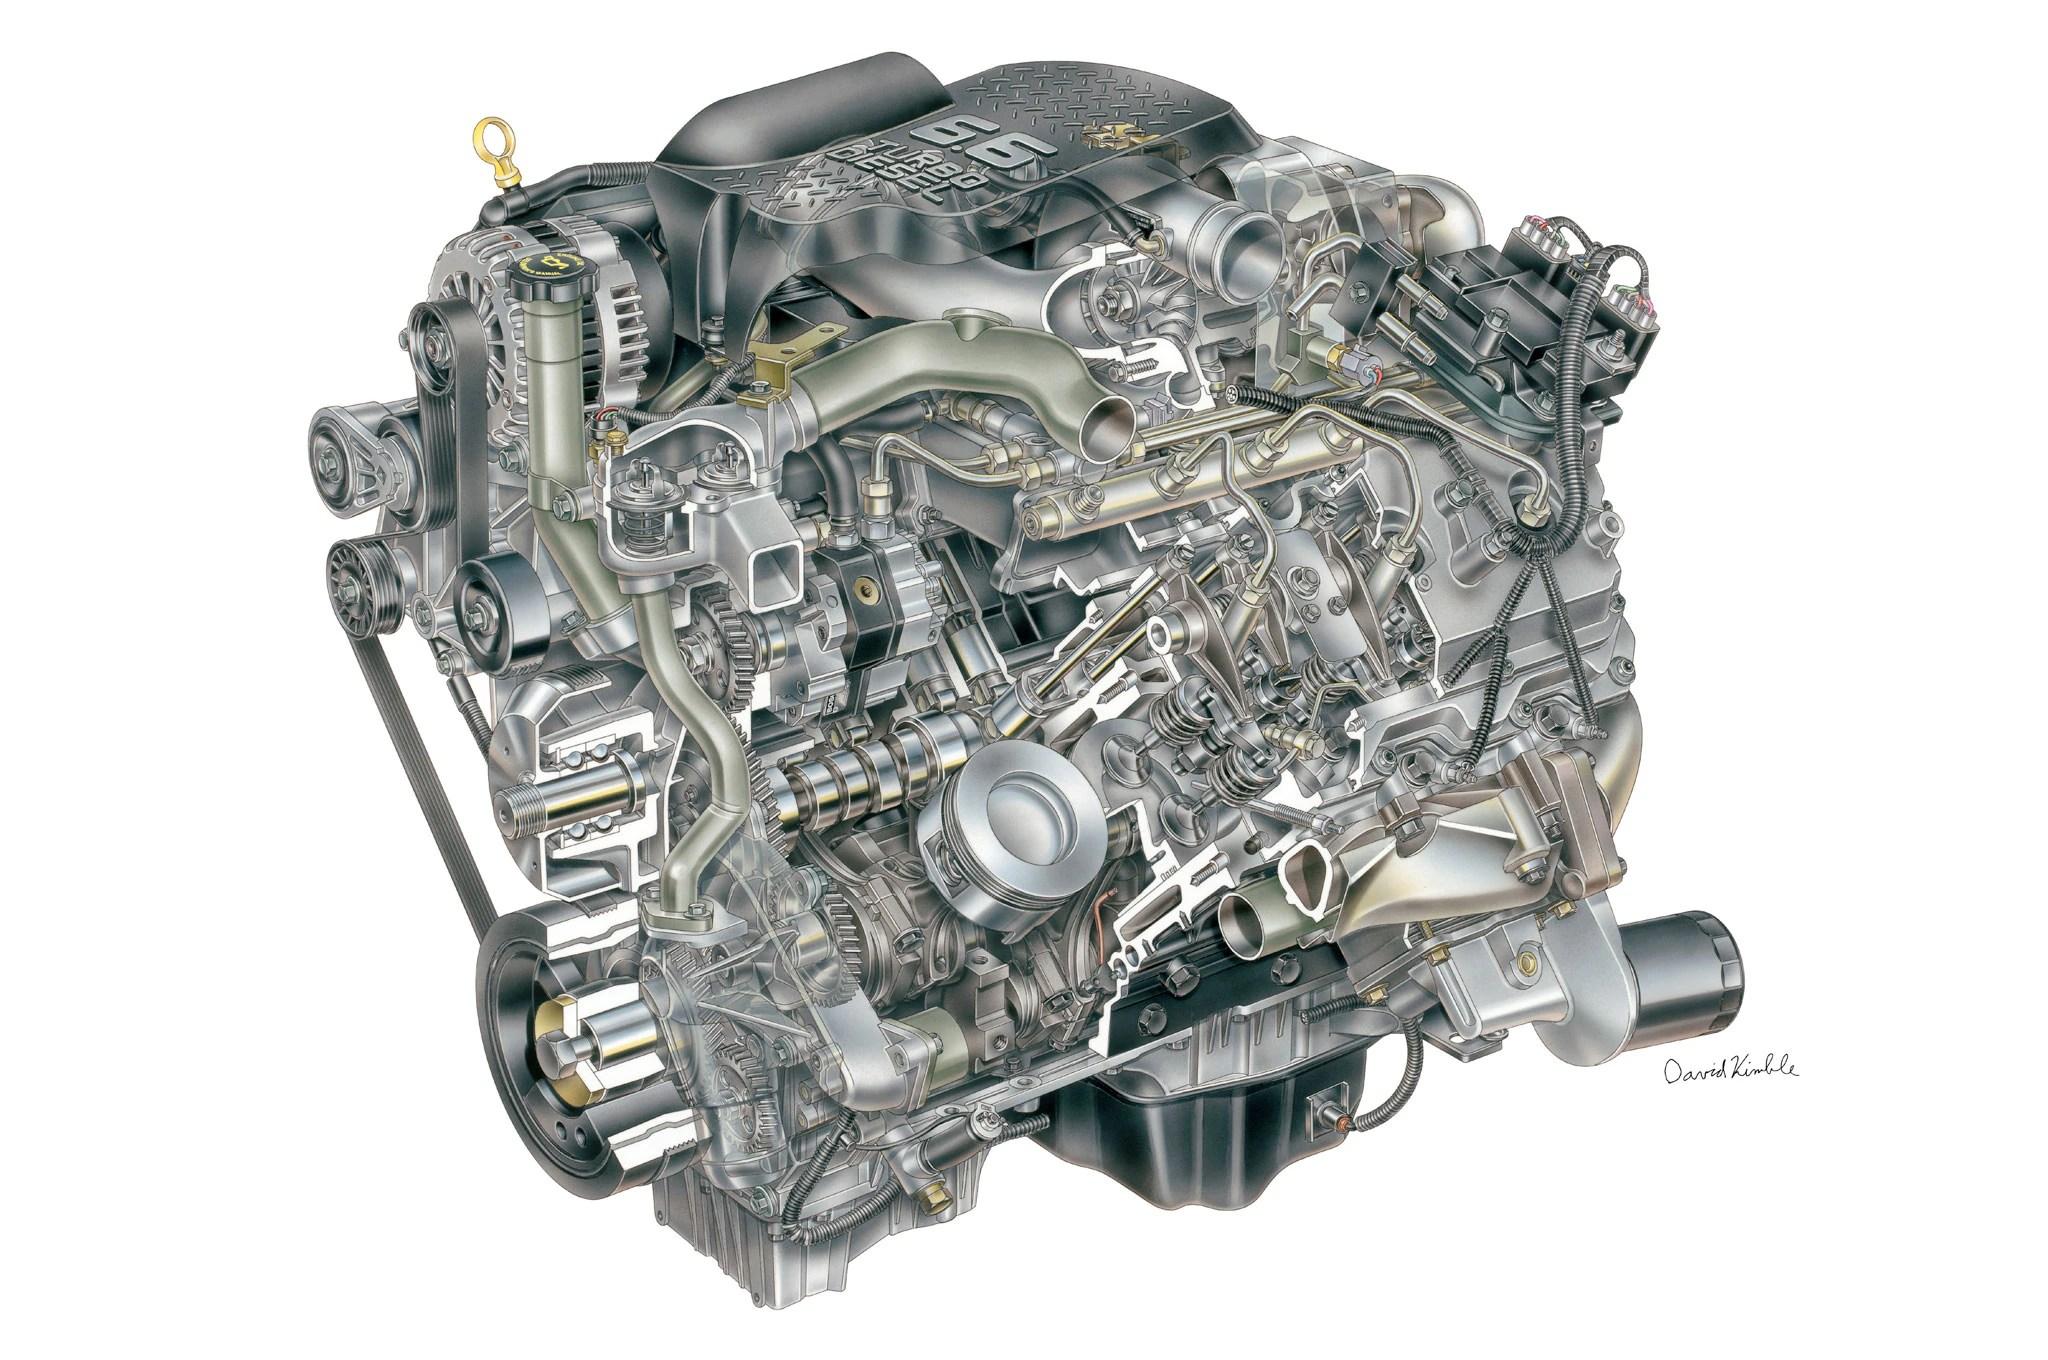 engine diagram 05 6 6 duramax [ 2048 x 1360 Pixel ]